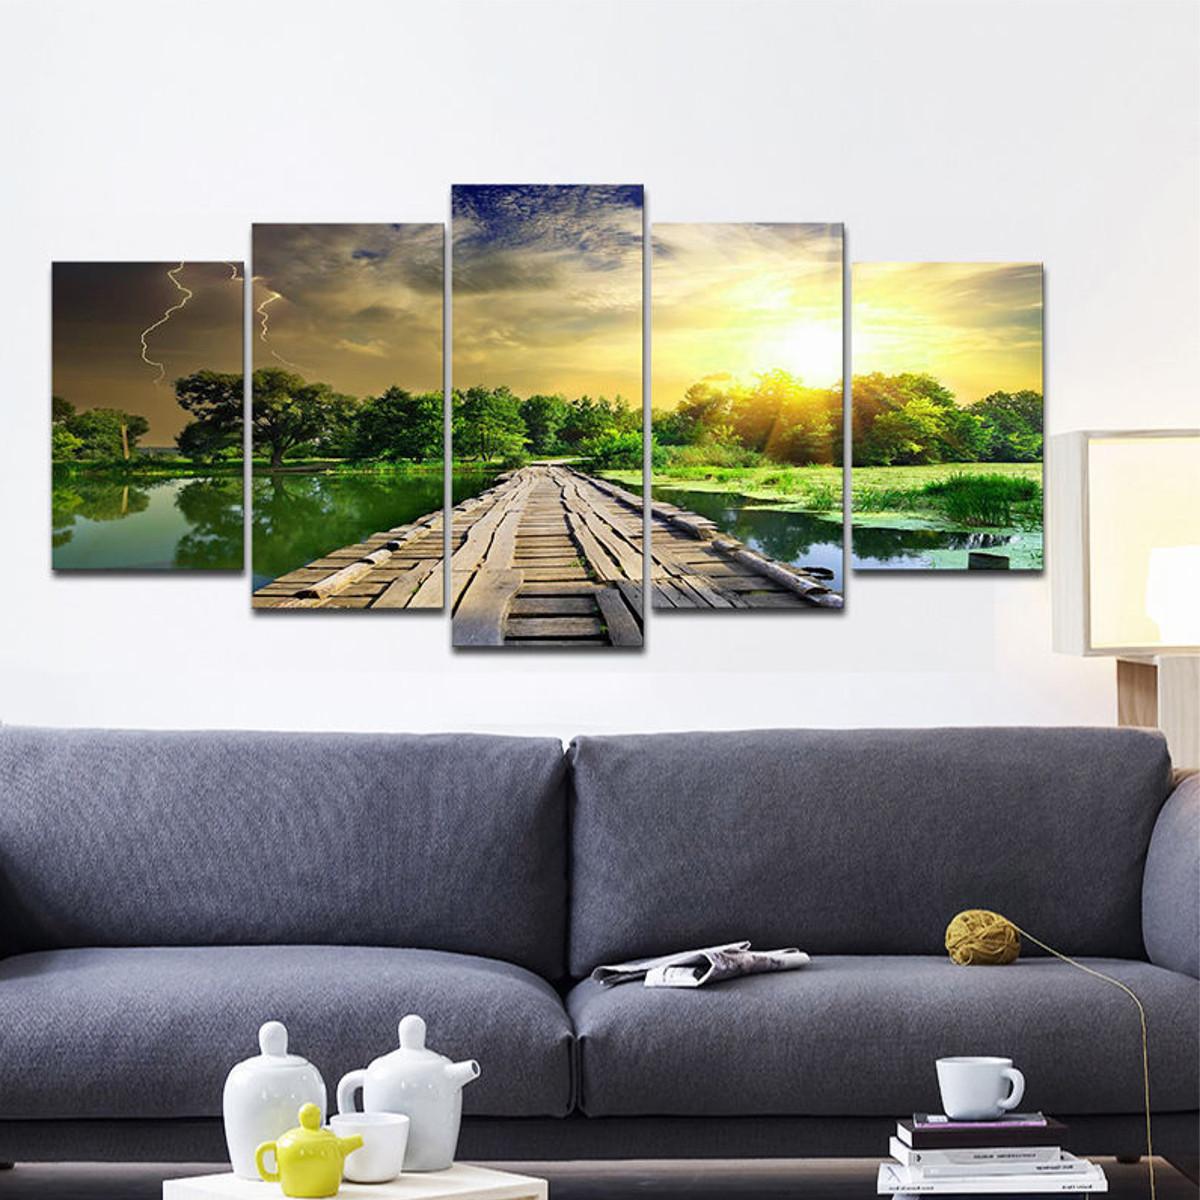 Lake Home Wall Decor : Pcs modern print art lake landscape end pm